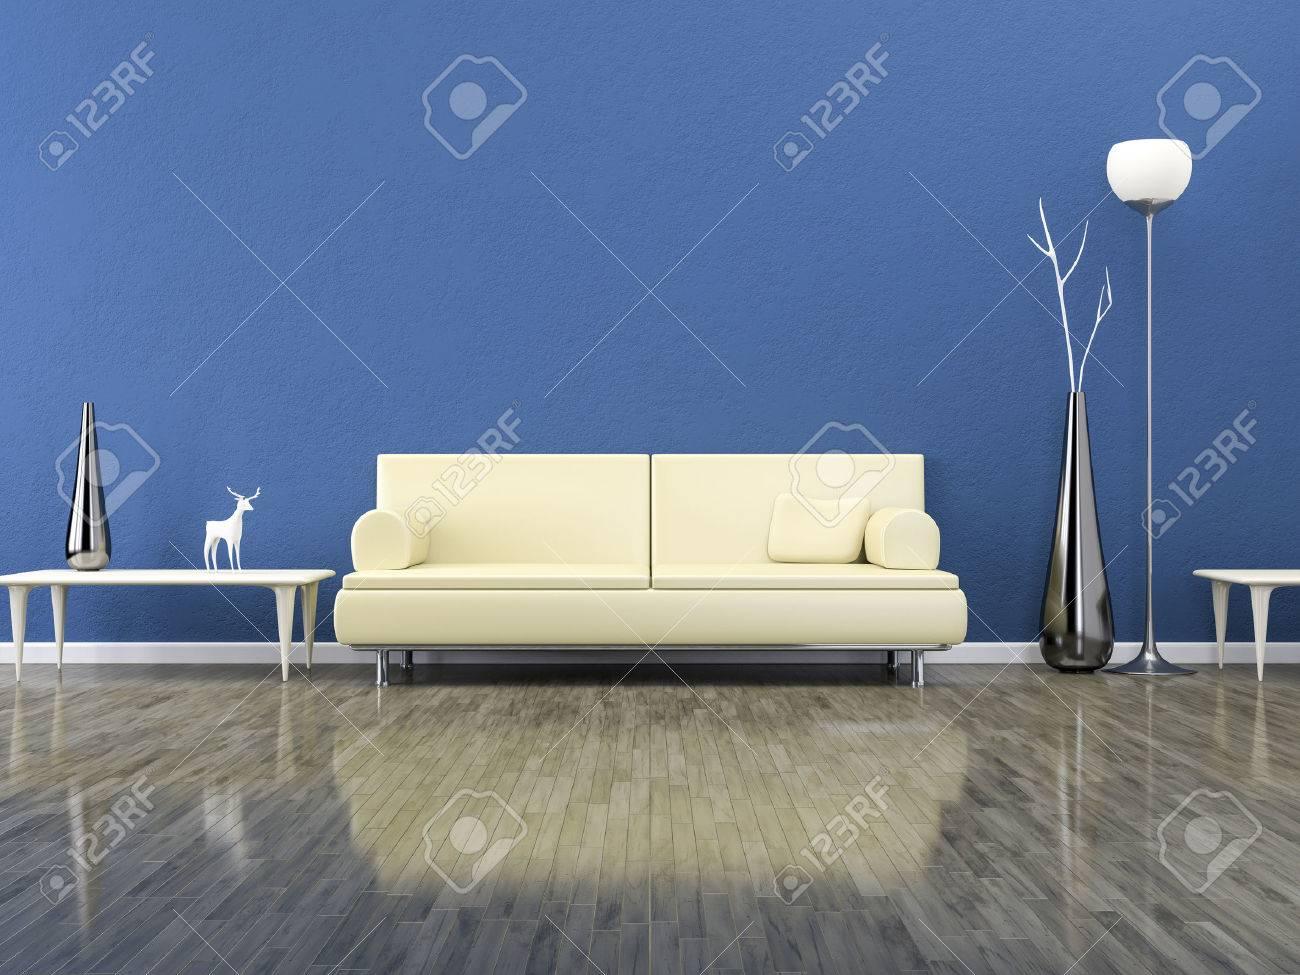 Une Chambre Verte Avec Un Canapé Et De Fond Pour Votre Propre ...